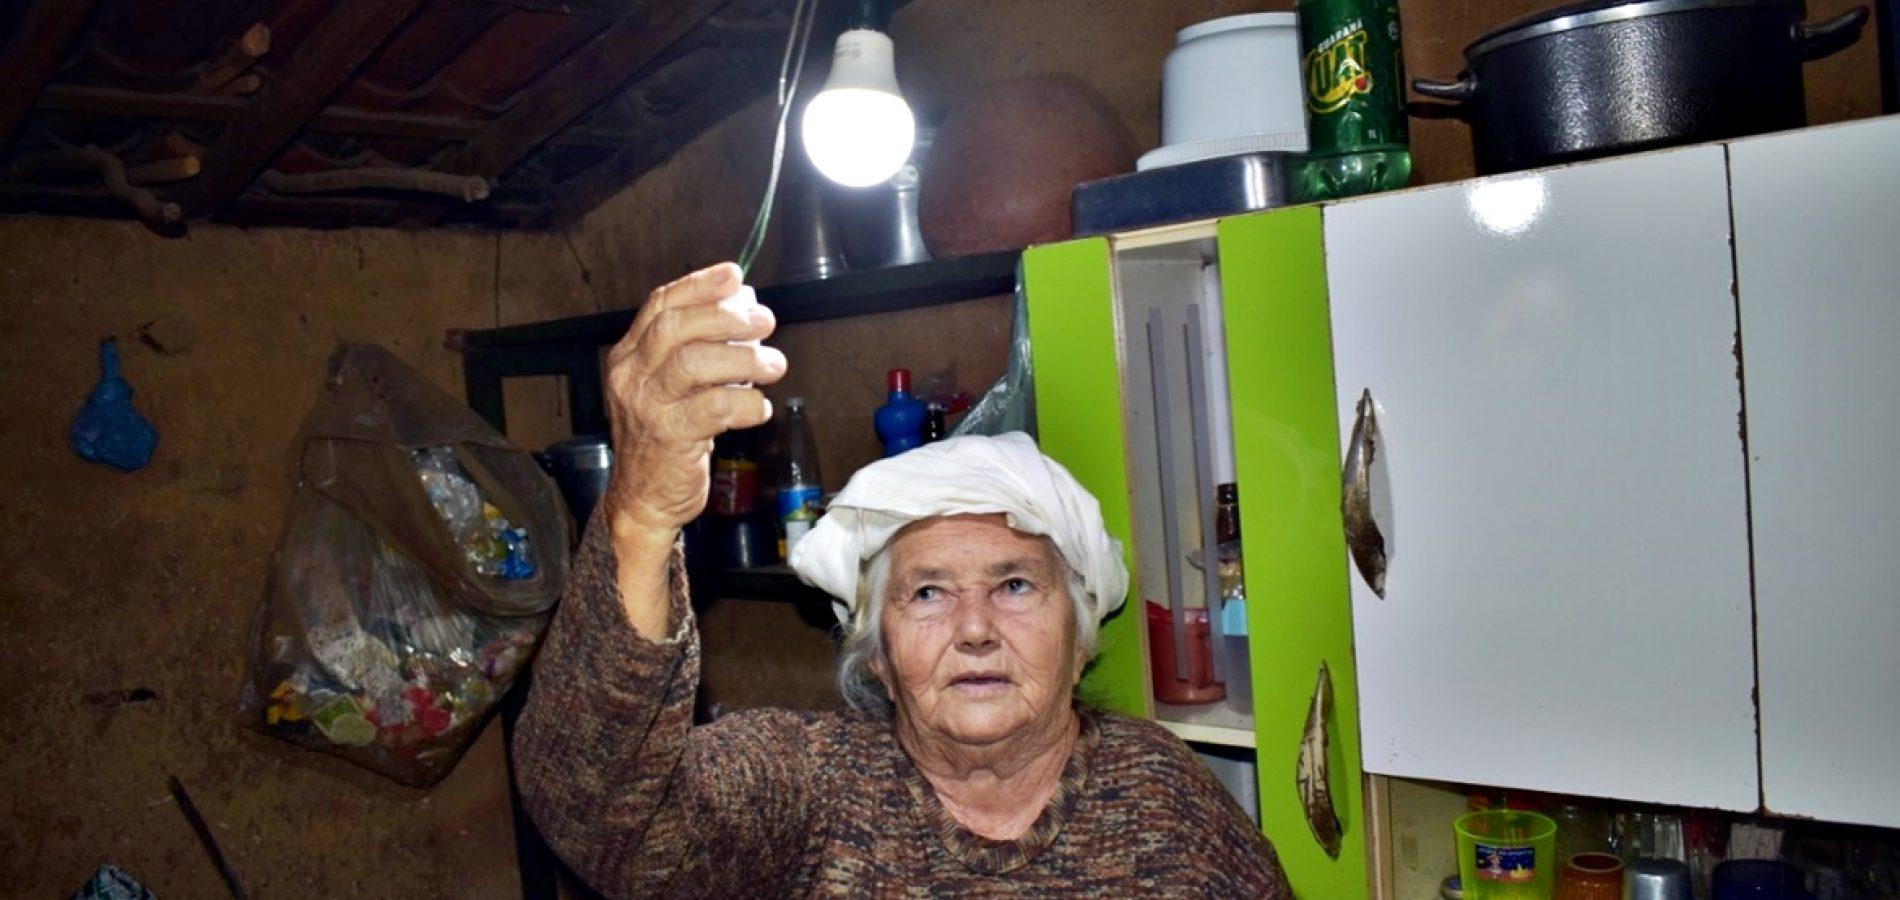 Chegada da energia elétrica transforma a vida de famílias no interior de Belém do Piauí